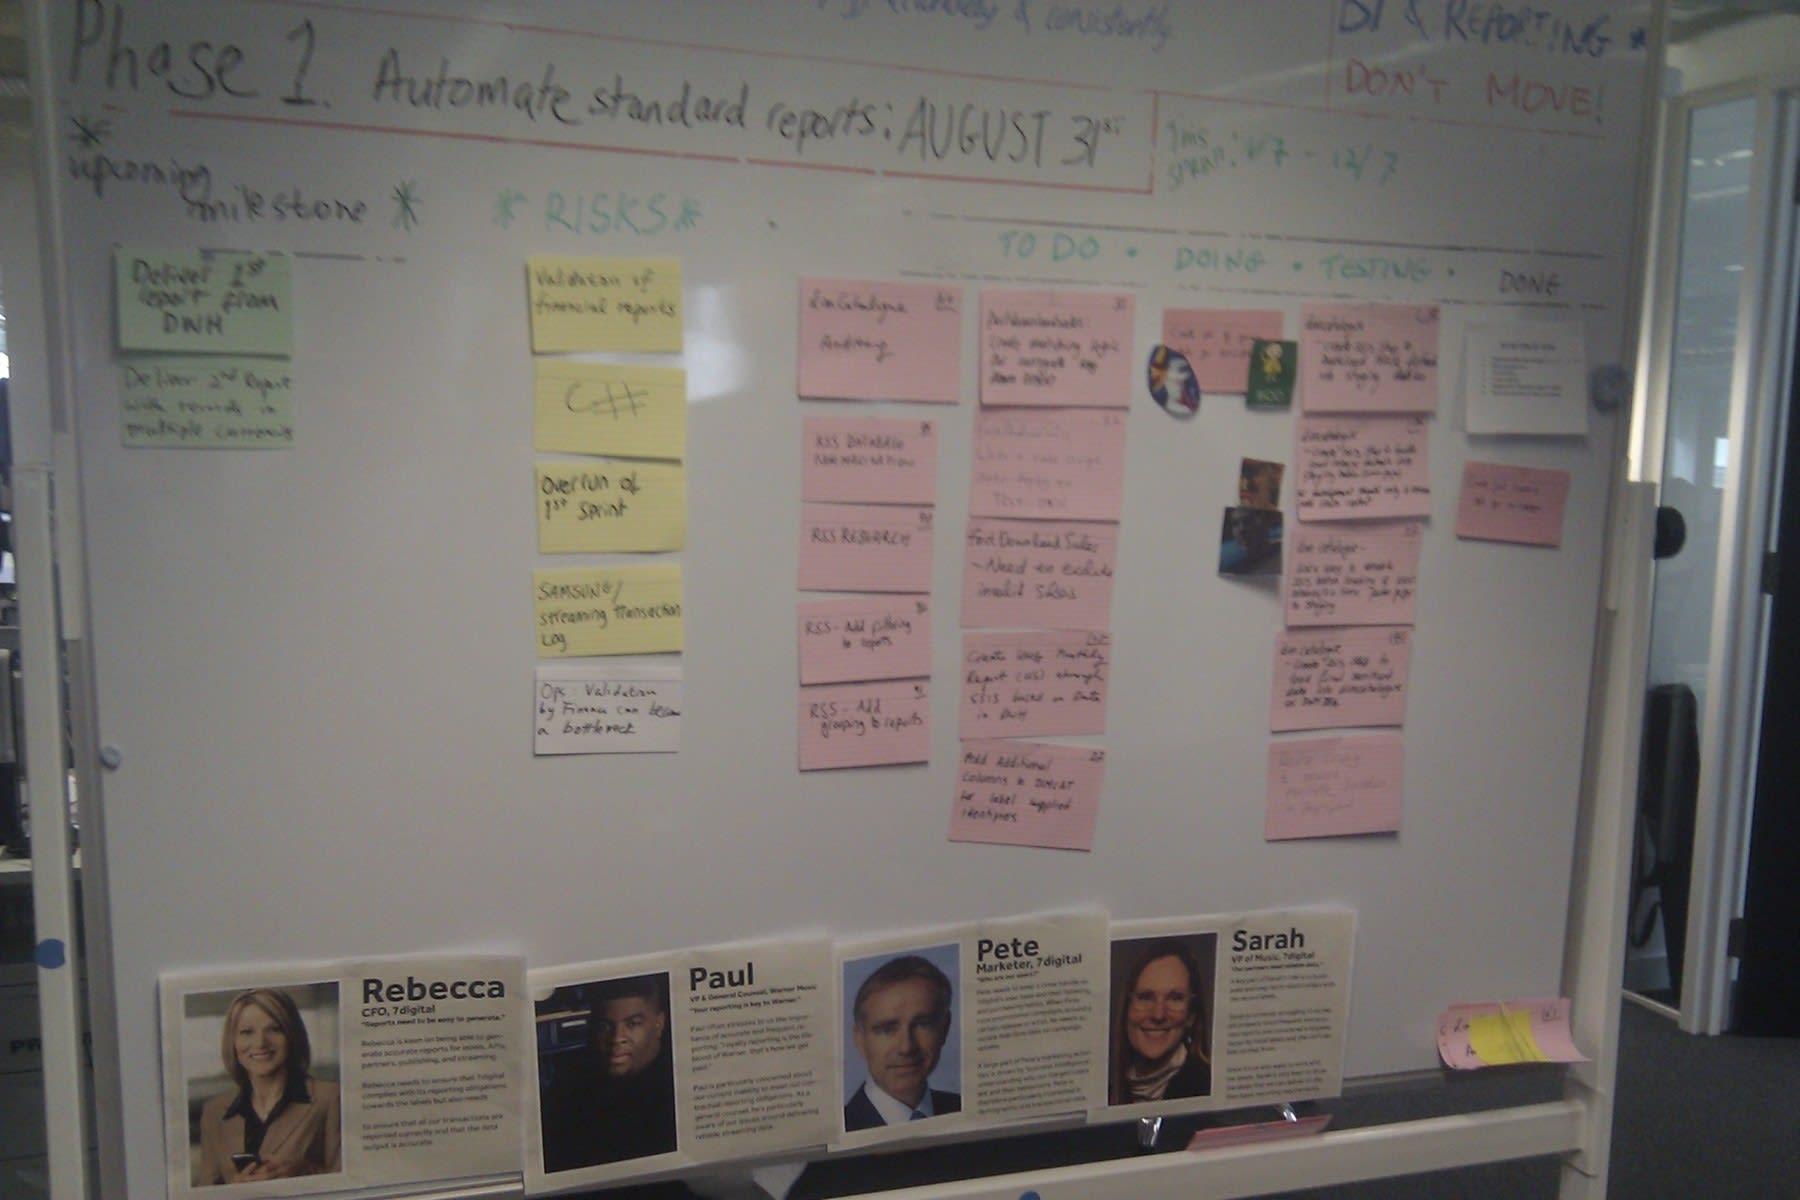 Agile board